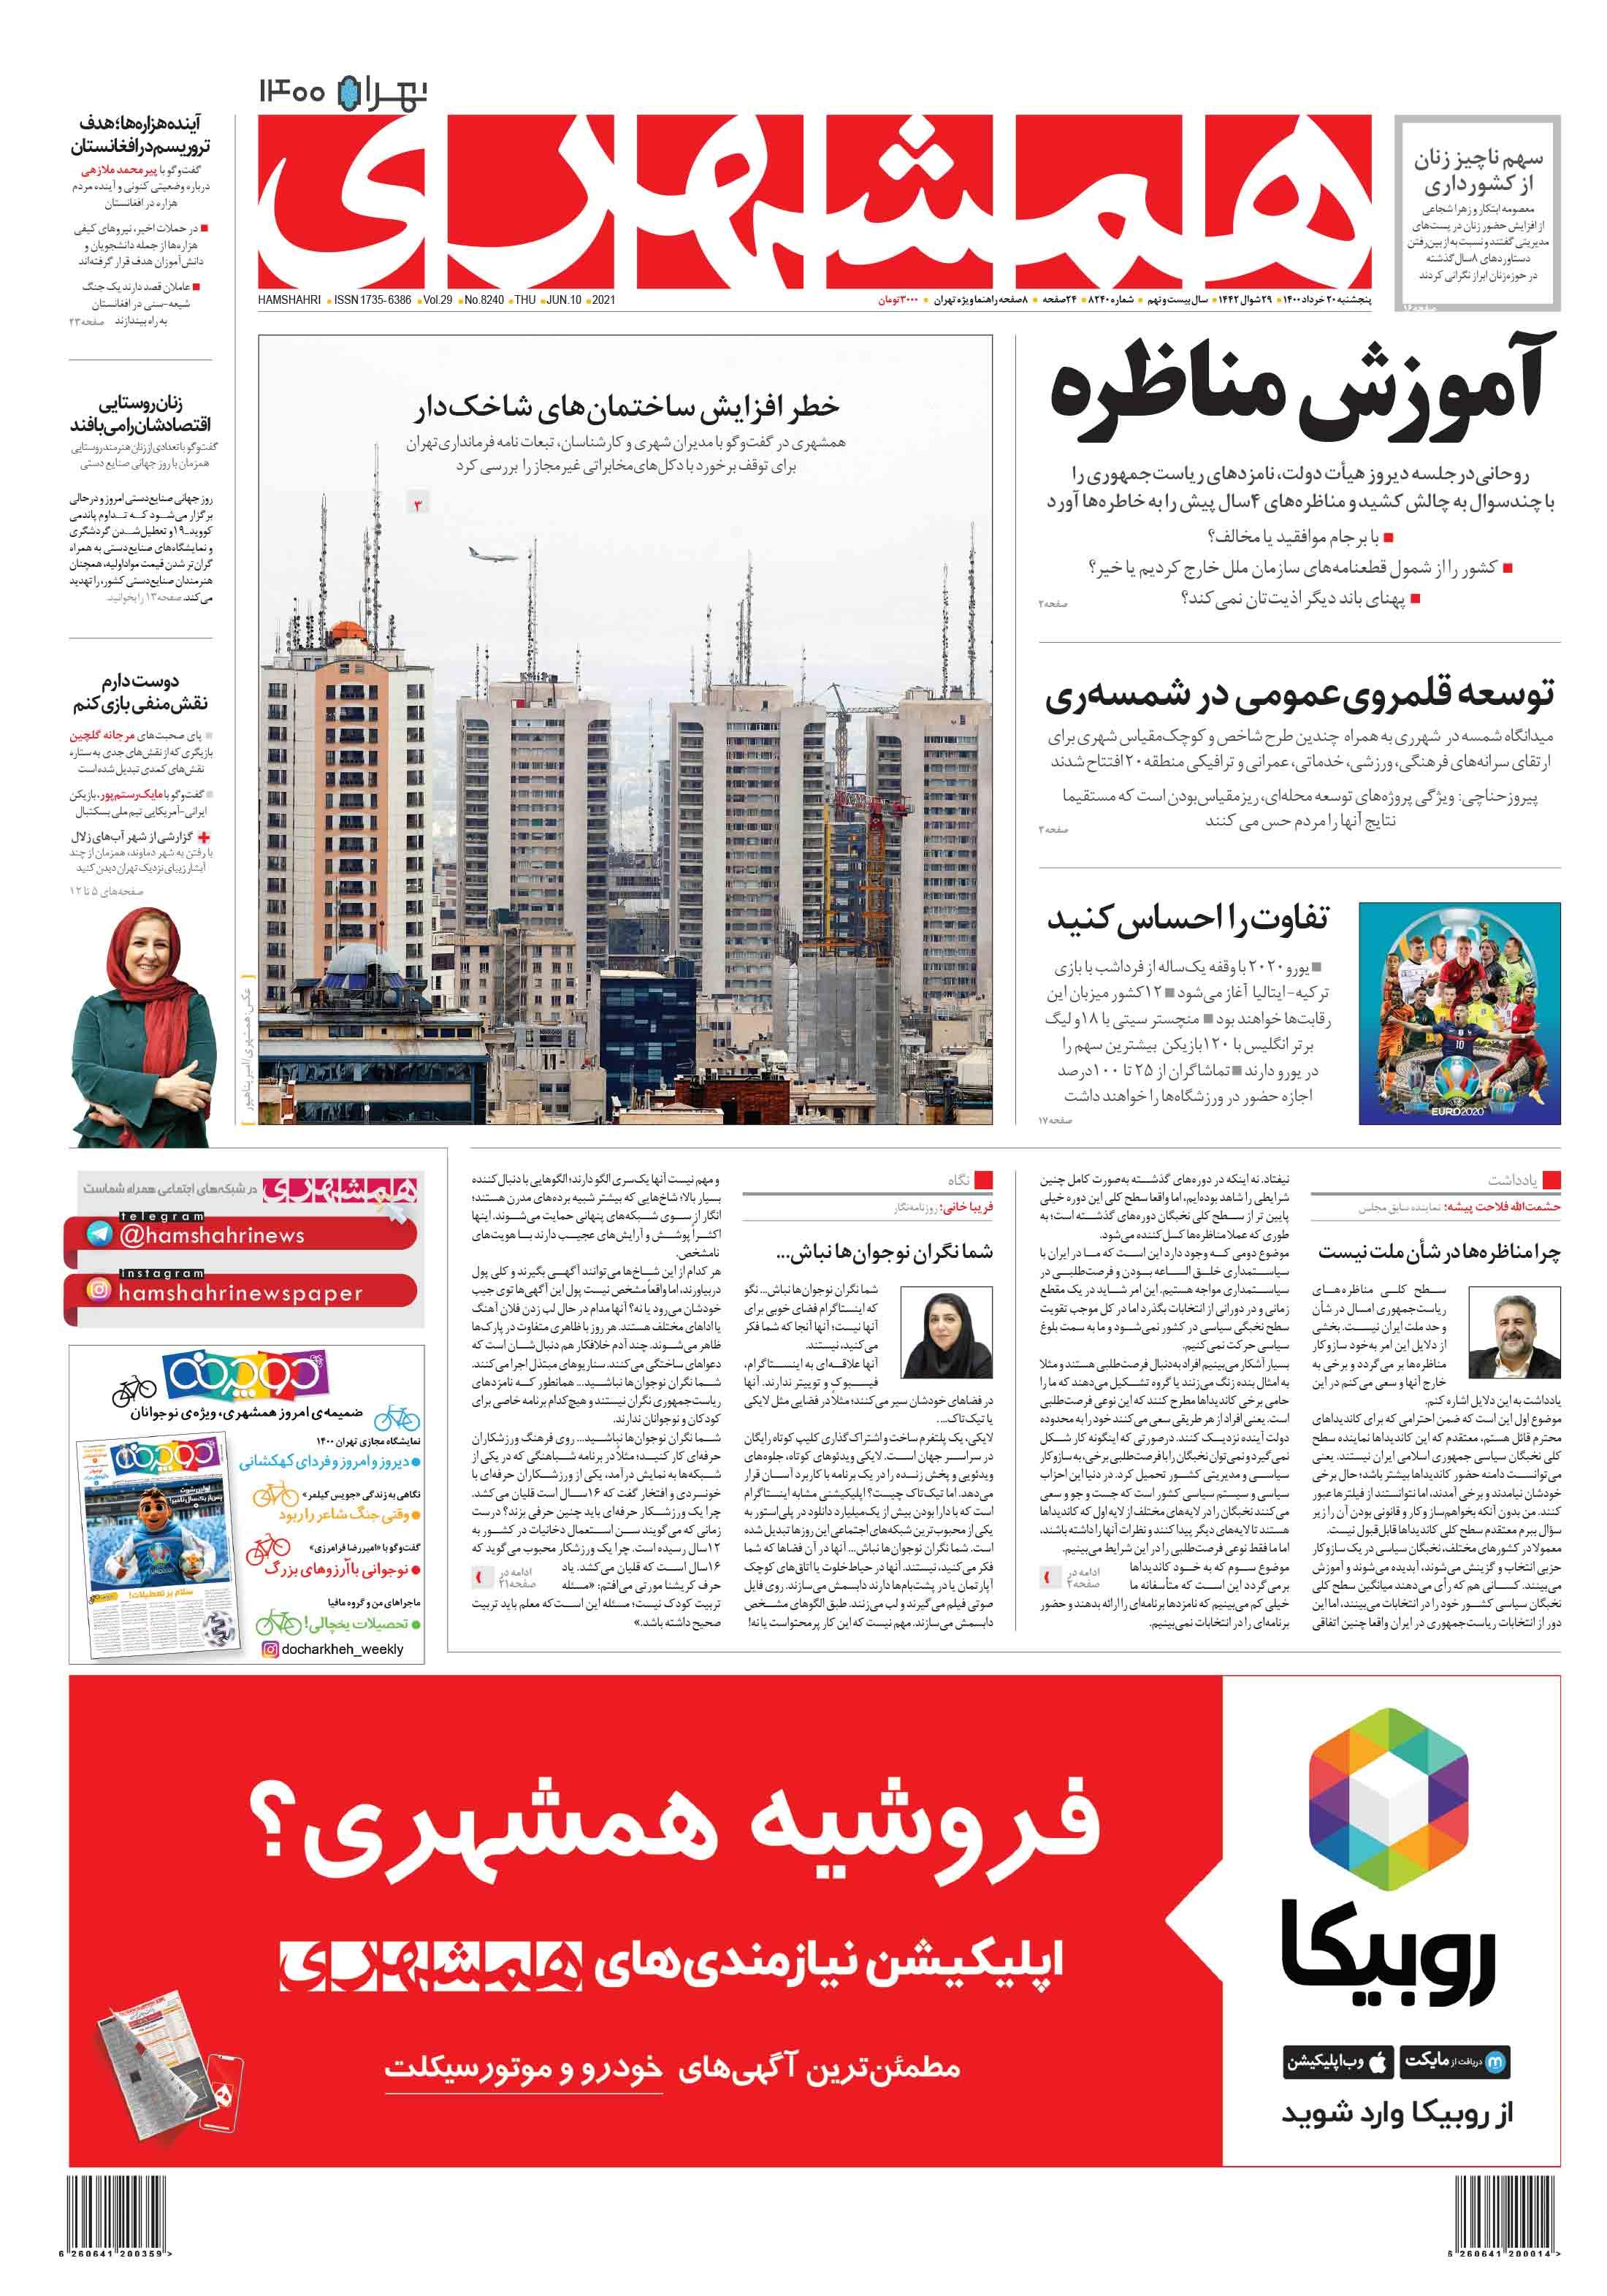 صفحه اول پنجشنبه 20 خرداد 1400